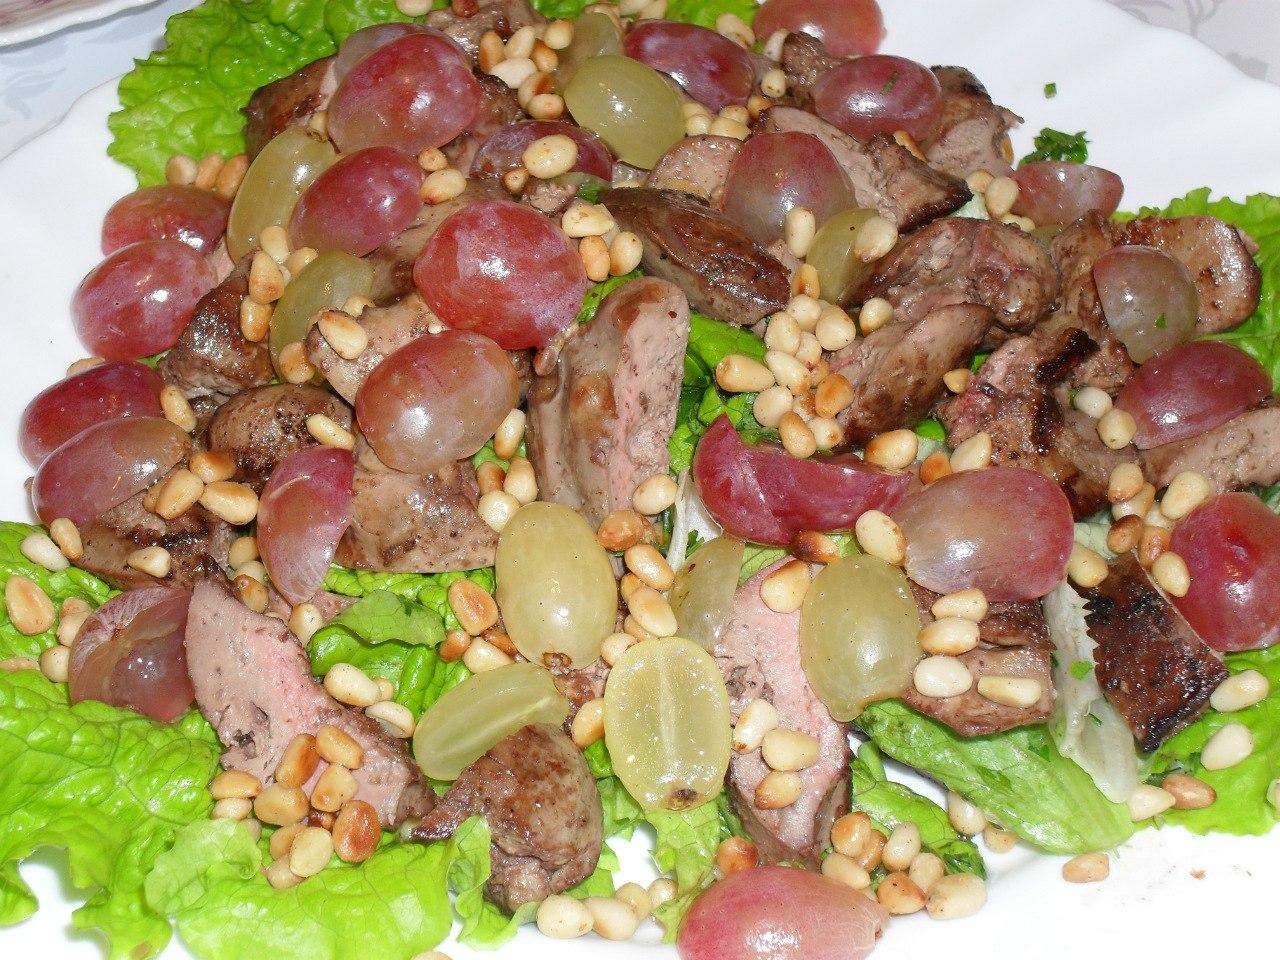 Салат с говядиной и виноградом рецепт